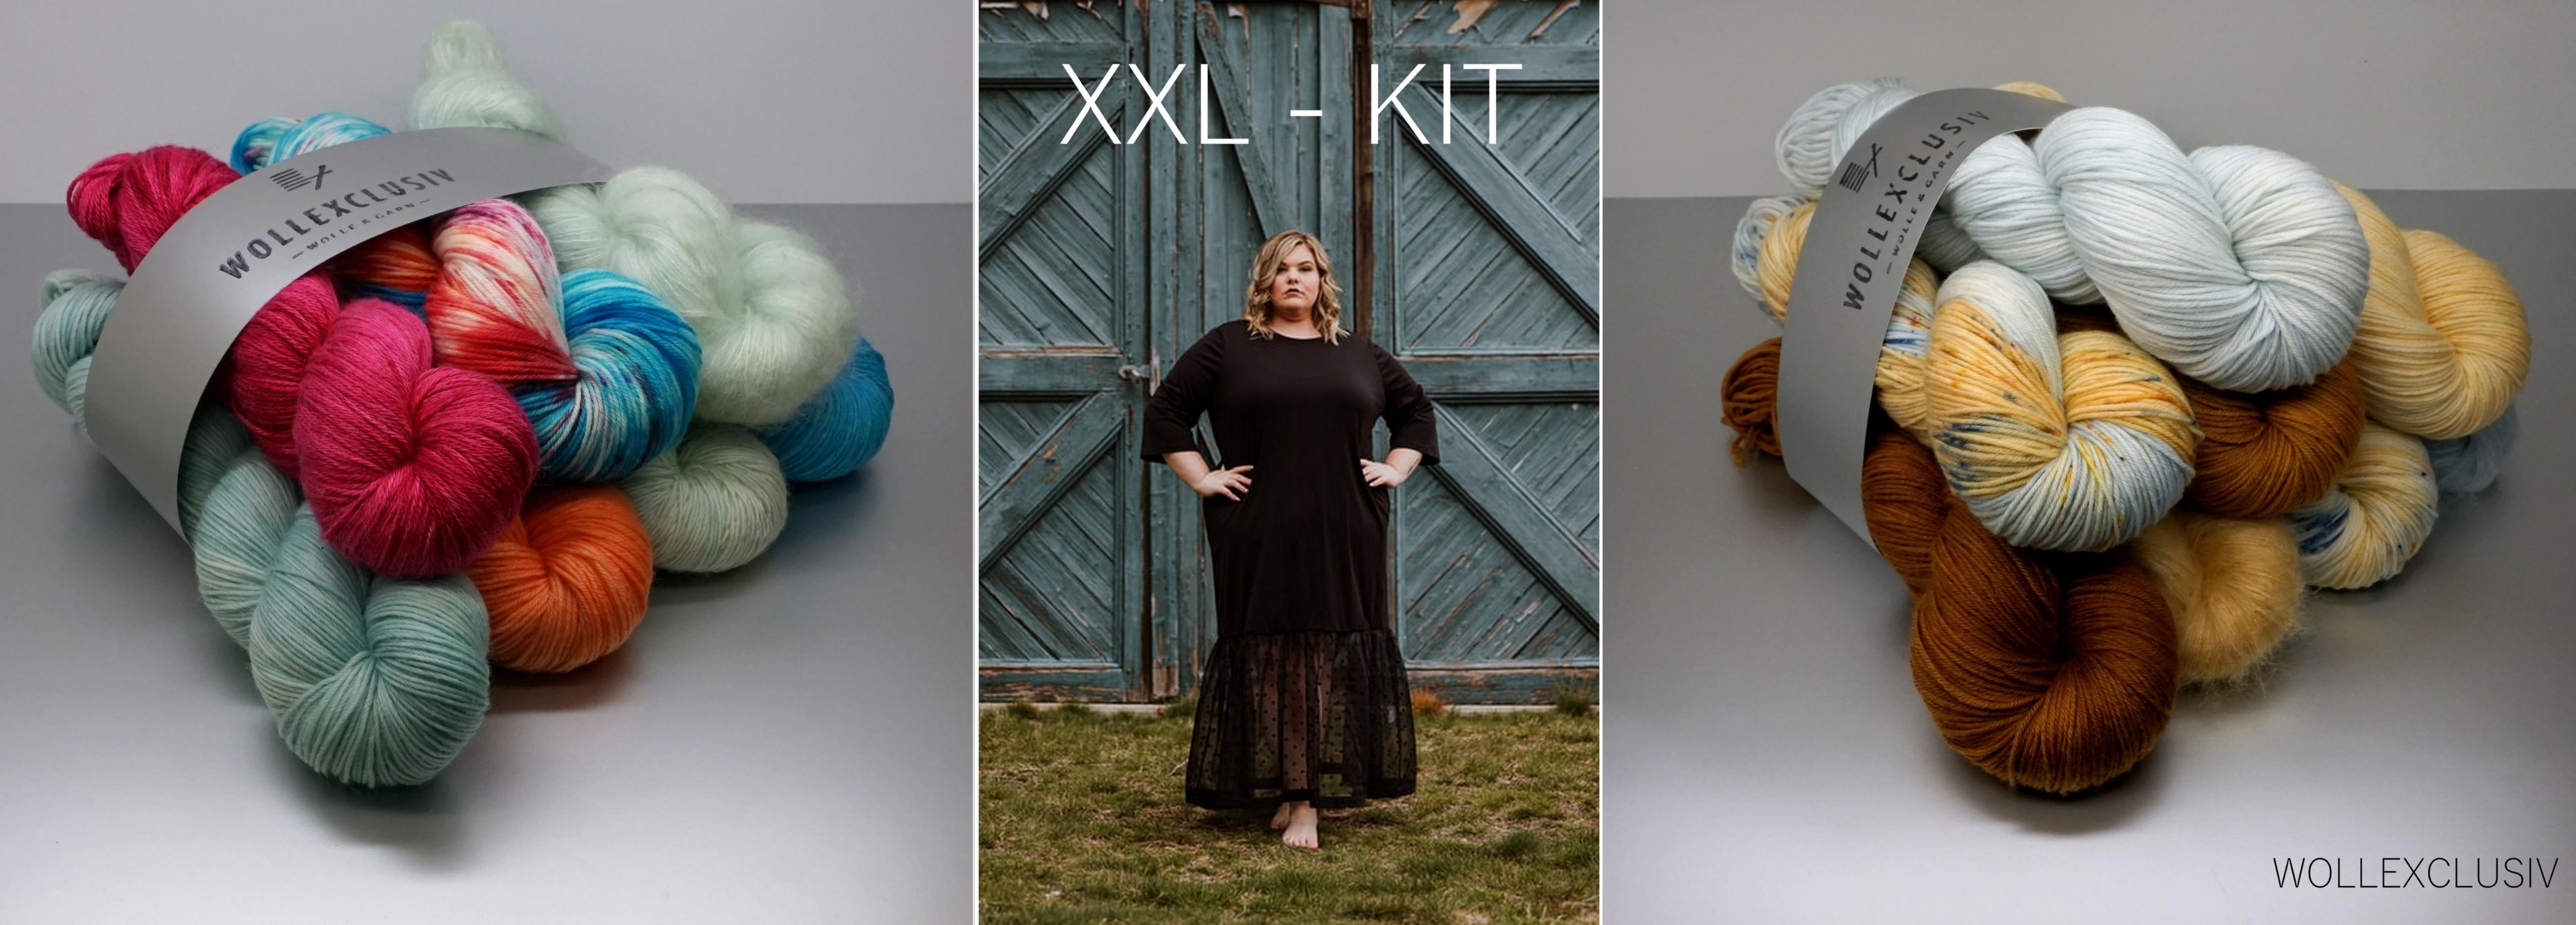 XXL - KIT